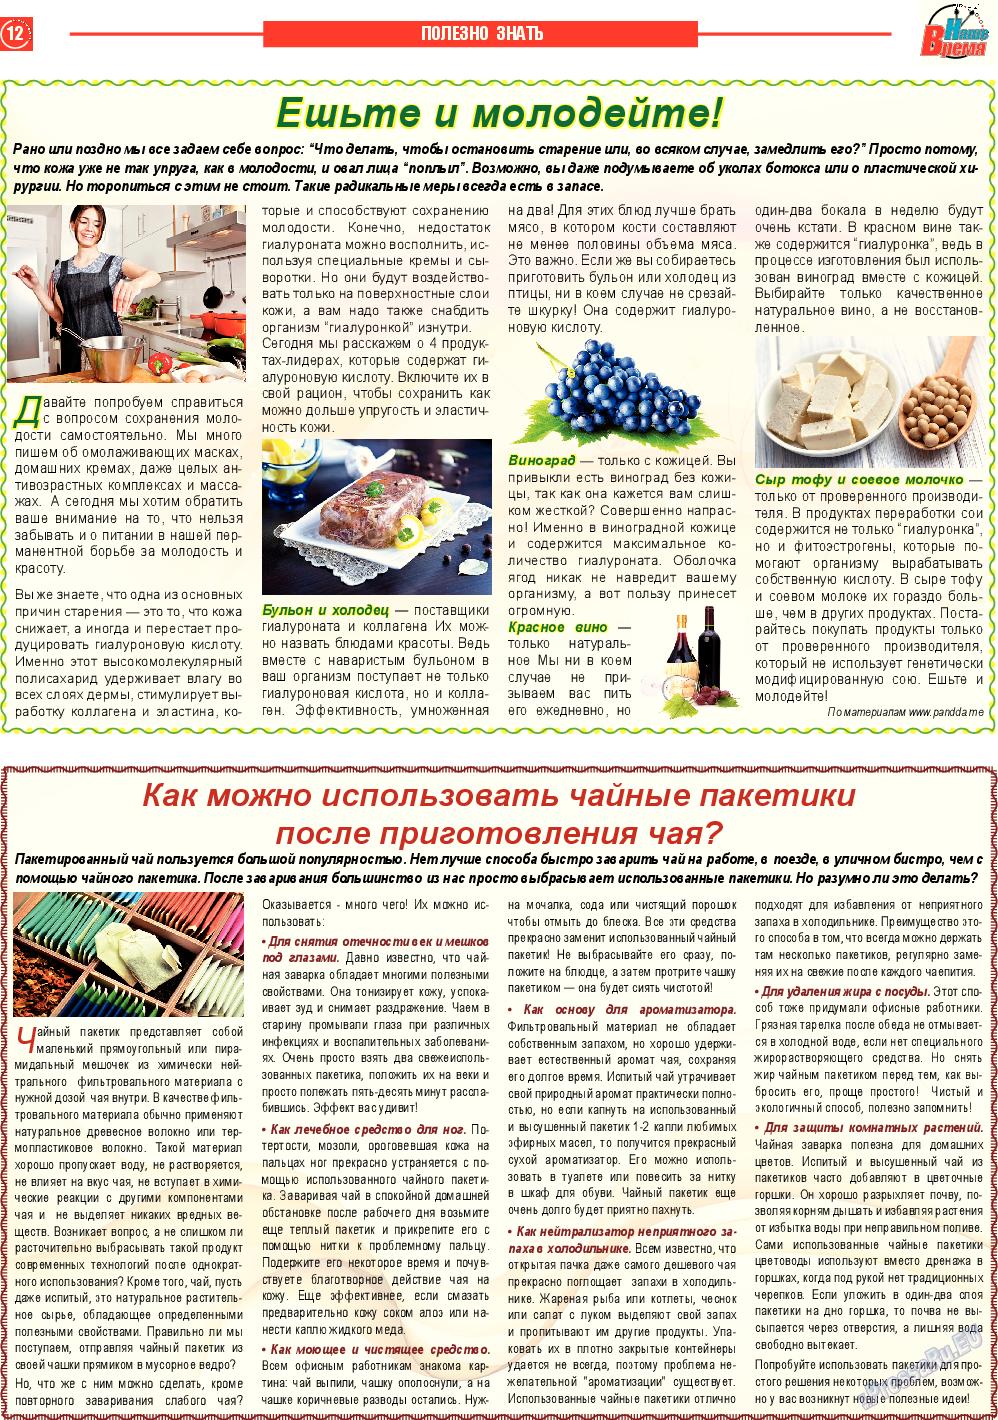 Наше время (газета). 2017 год, номер 9, стр. 12